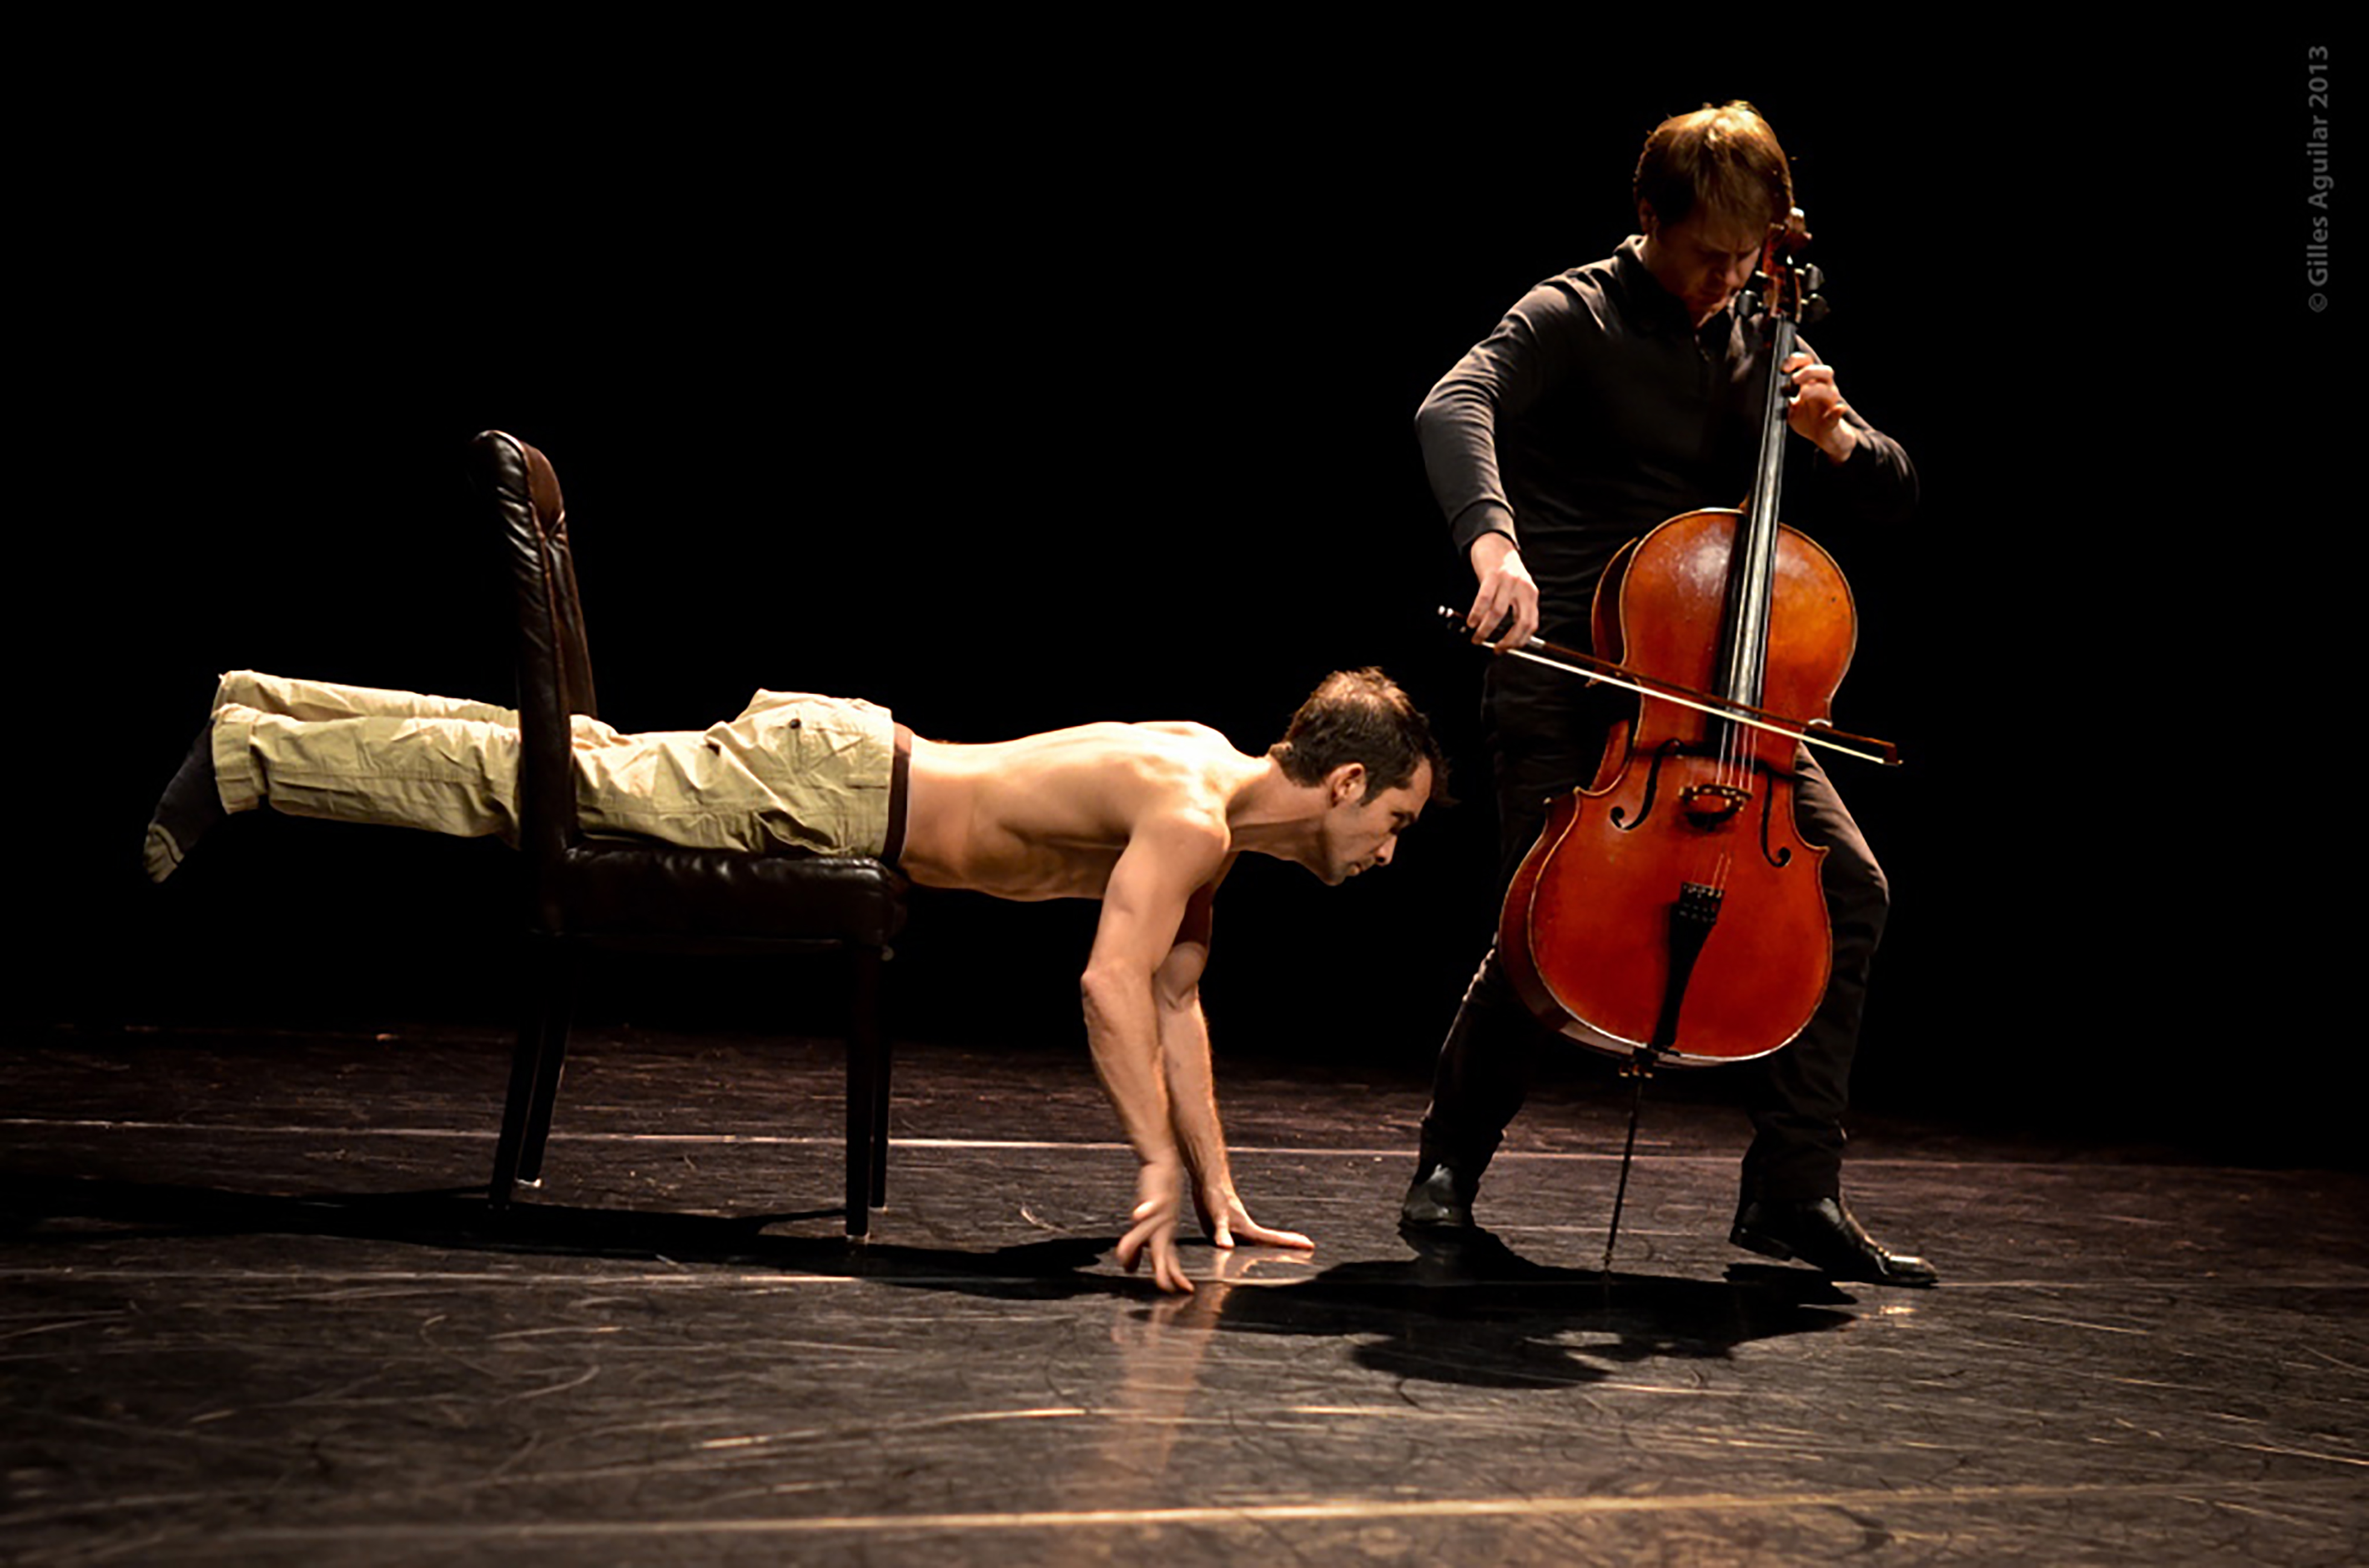 Et Hop Bach Hip Hop © Gilles Aguilar